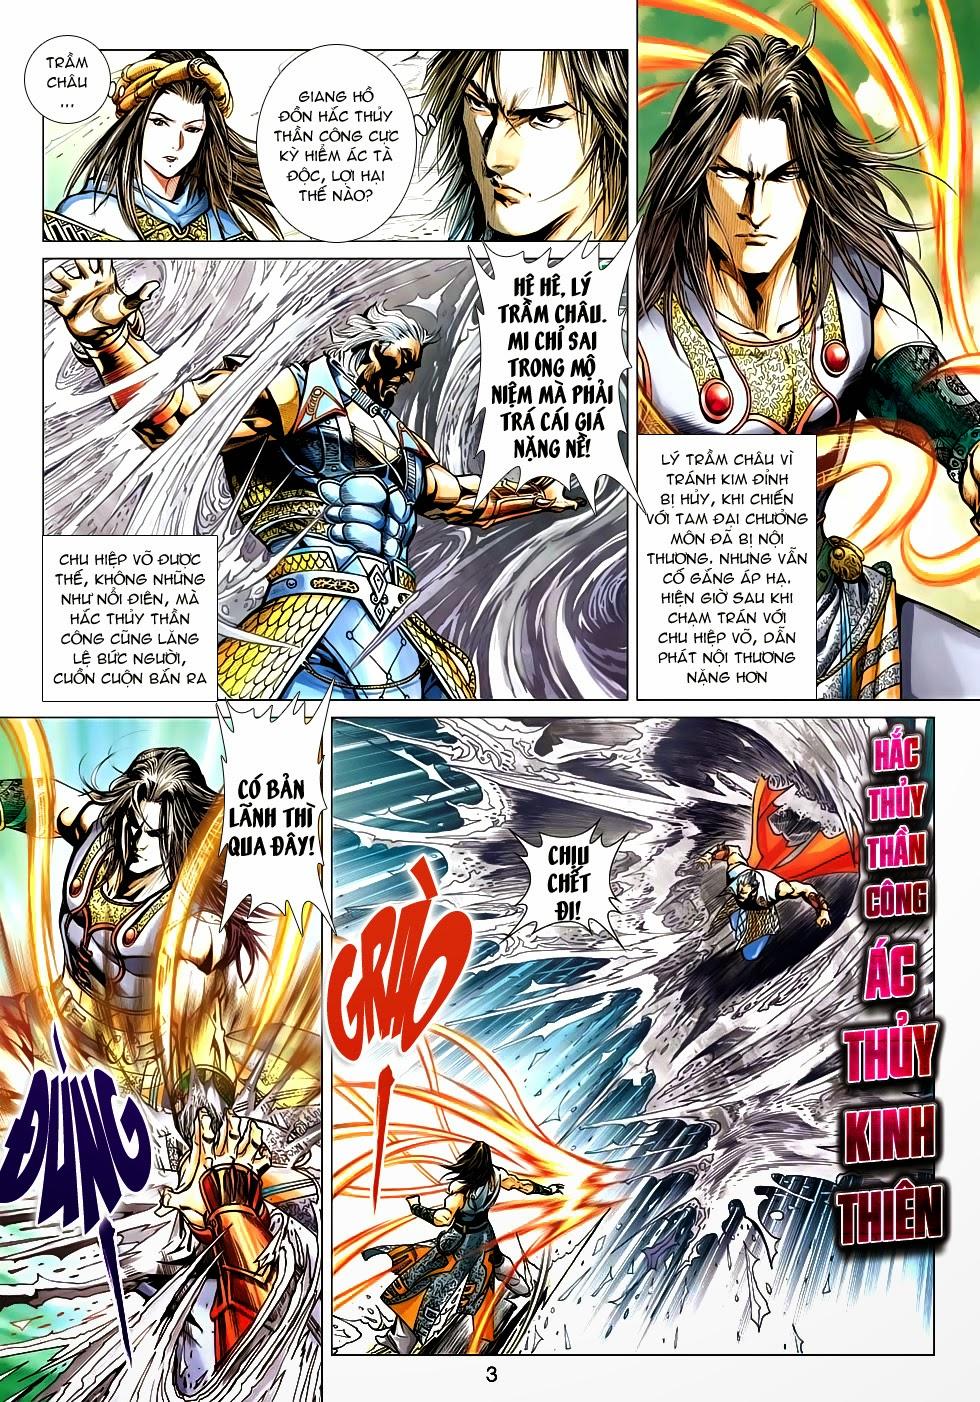 Thần Châu Kỳ Hiệp chap 32 – End Trang 3 - Mangak.info